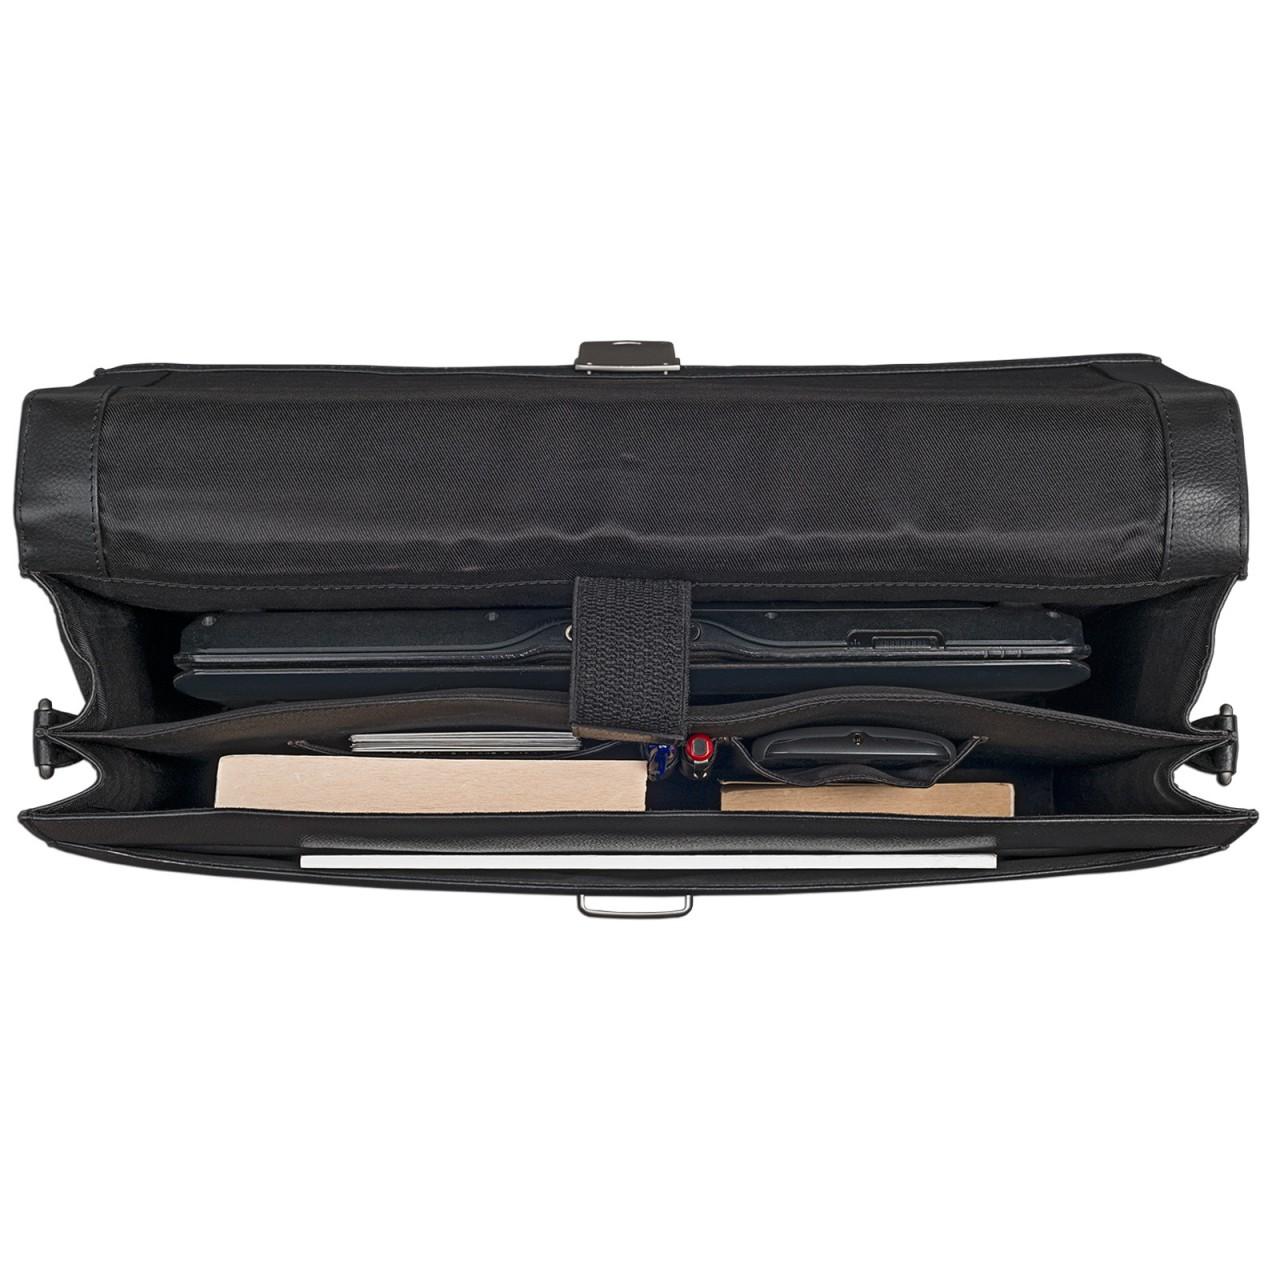 """STILORD """"Robert"""" Aktentasche Businesstasche 15,6 Zoll Laptopfach passend für große DIN A4 Ordner mit Schloss Rinds Leder - Bild 6"""